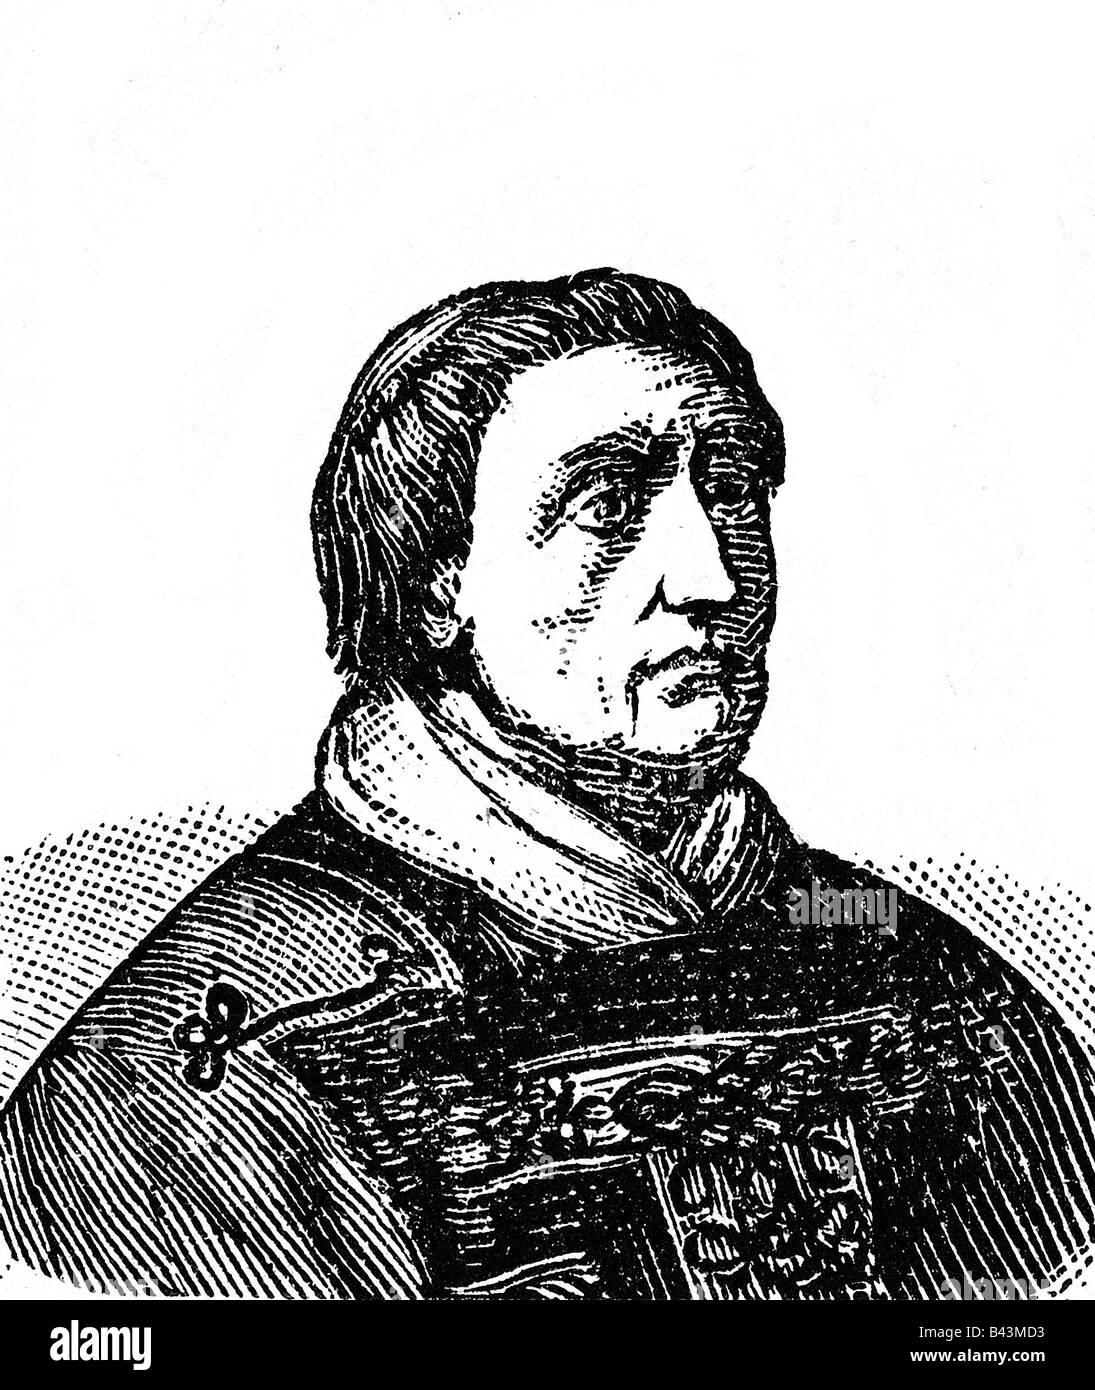 Celestine IV (Goffredo da Castiglioni), circa 1150 - 10.11.1241, Pope 25.10.1241 - 10.11.1241, portrait, wood engraving, - Stock Image